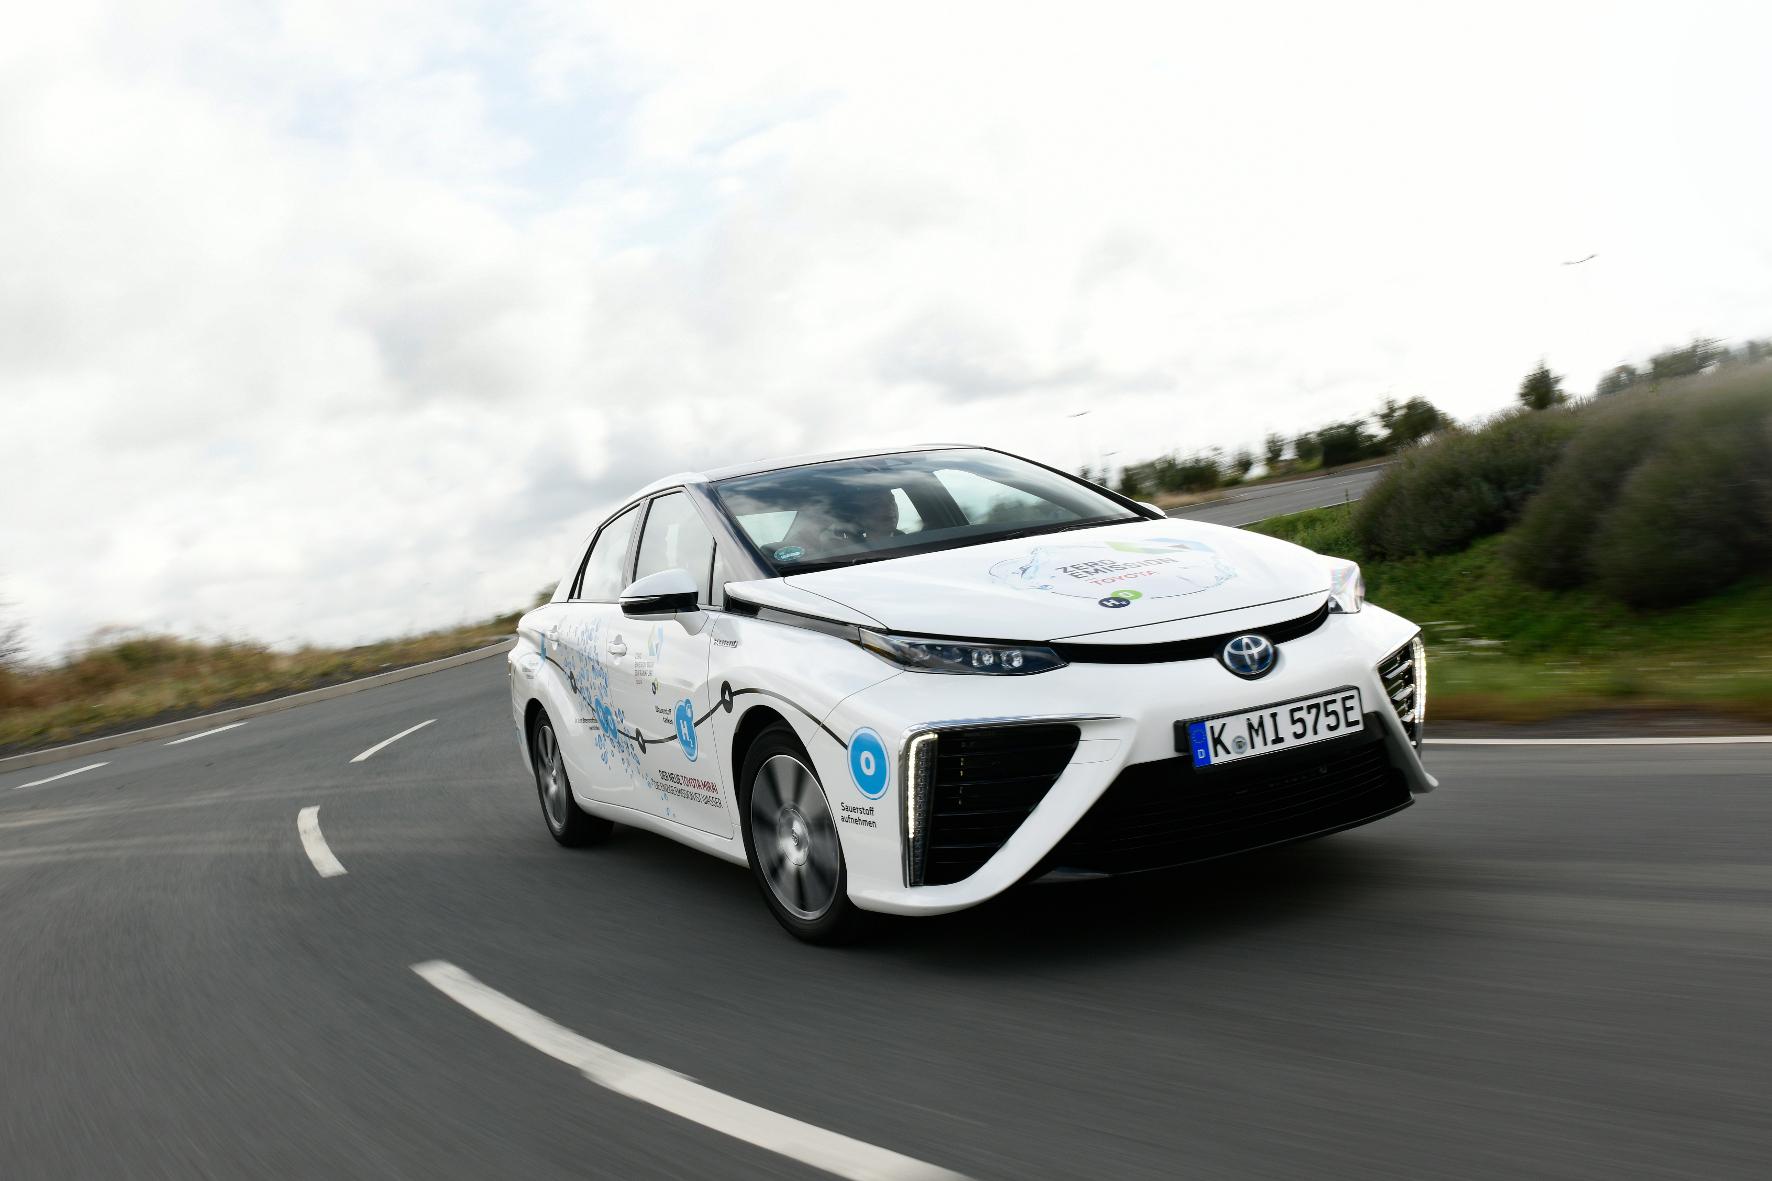 mid Groß-Gerau - Der Toyota Mirai ist das meistproduzierte Brennstoffzellen-Fahrzeug der Welt. Toyota